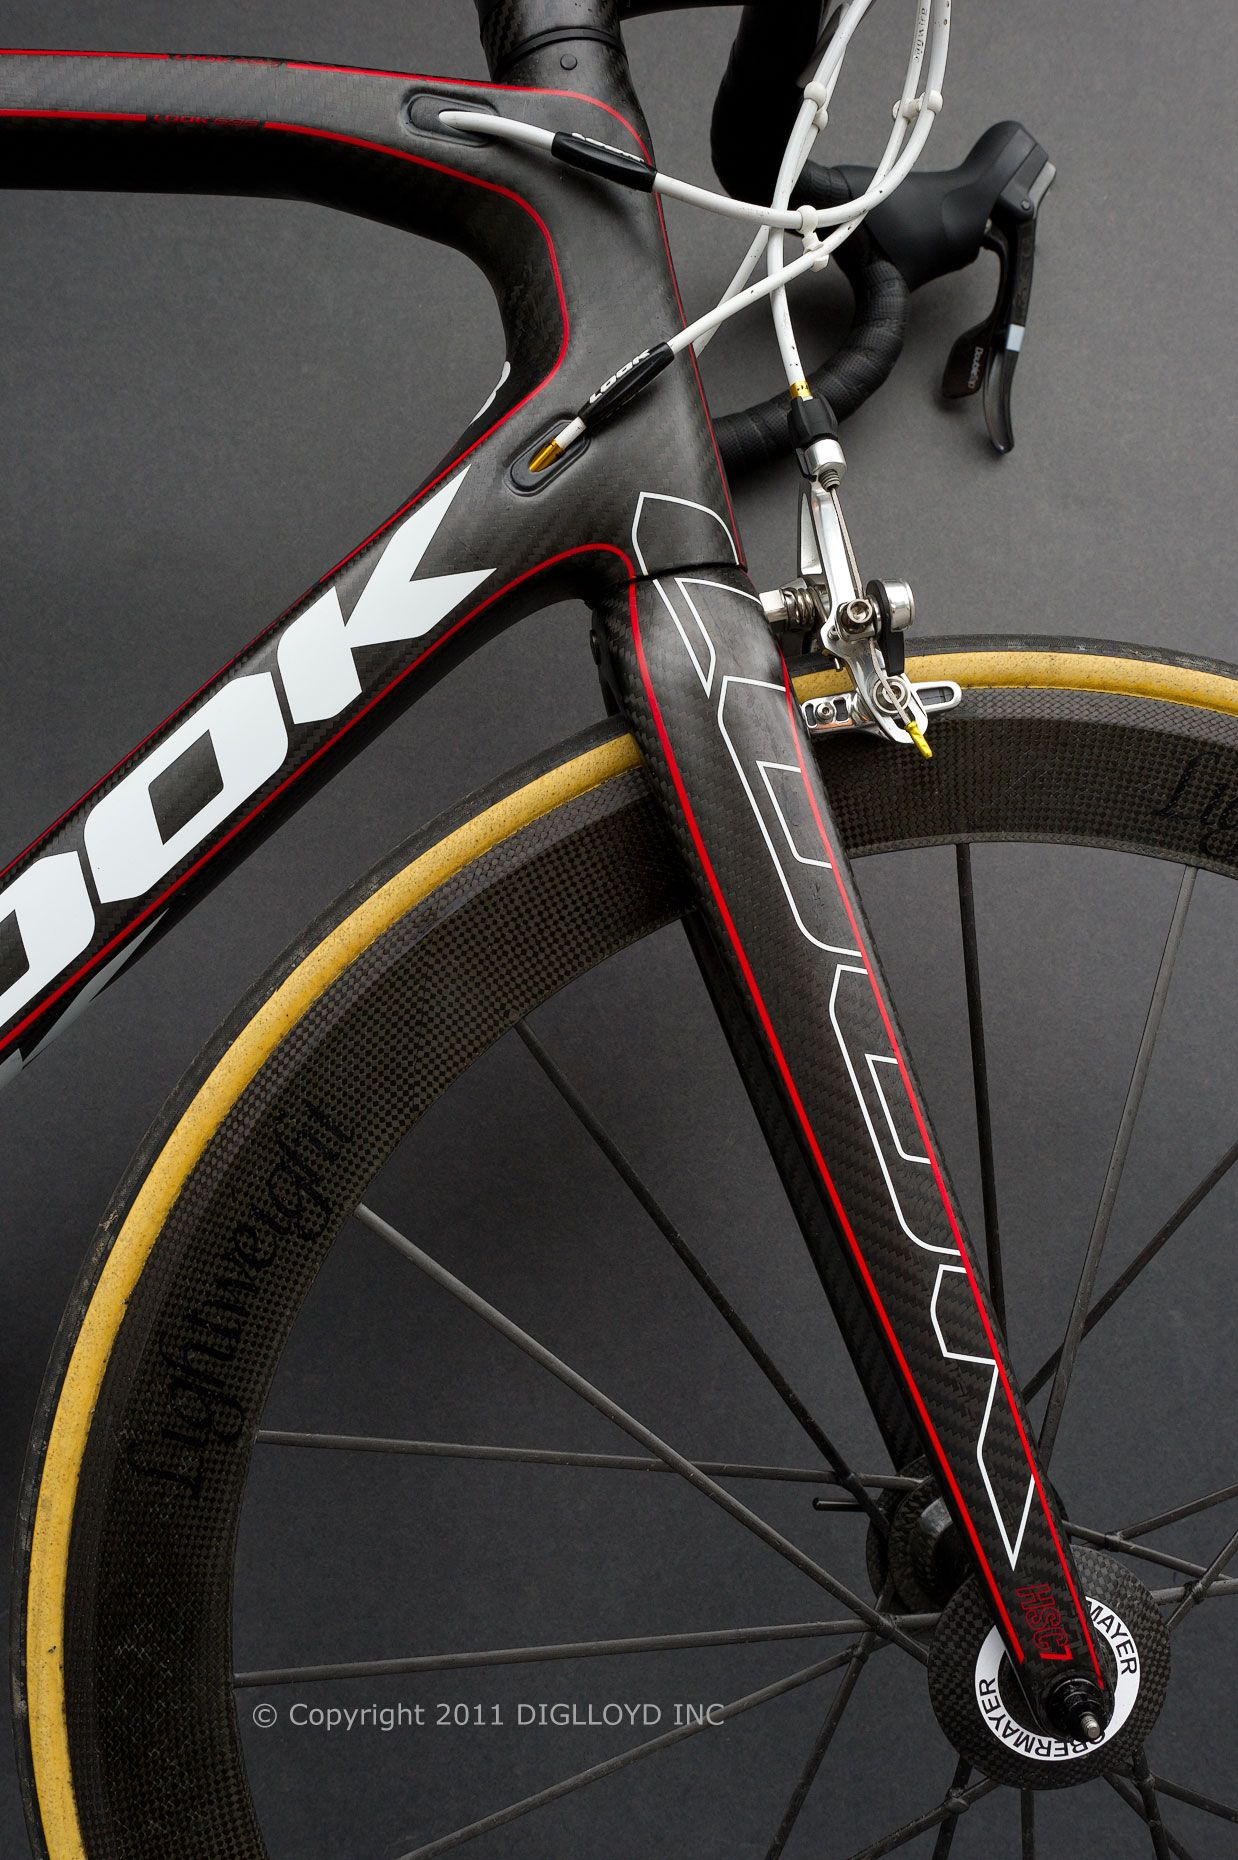 2011 2012 Look 695 Sr Carbon Fiber Road Racing Bike 2011 2012 Look 695 Sr Image Gallery Bicycle Road Bike Bicycle Maintenance